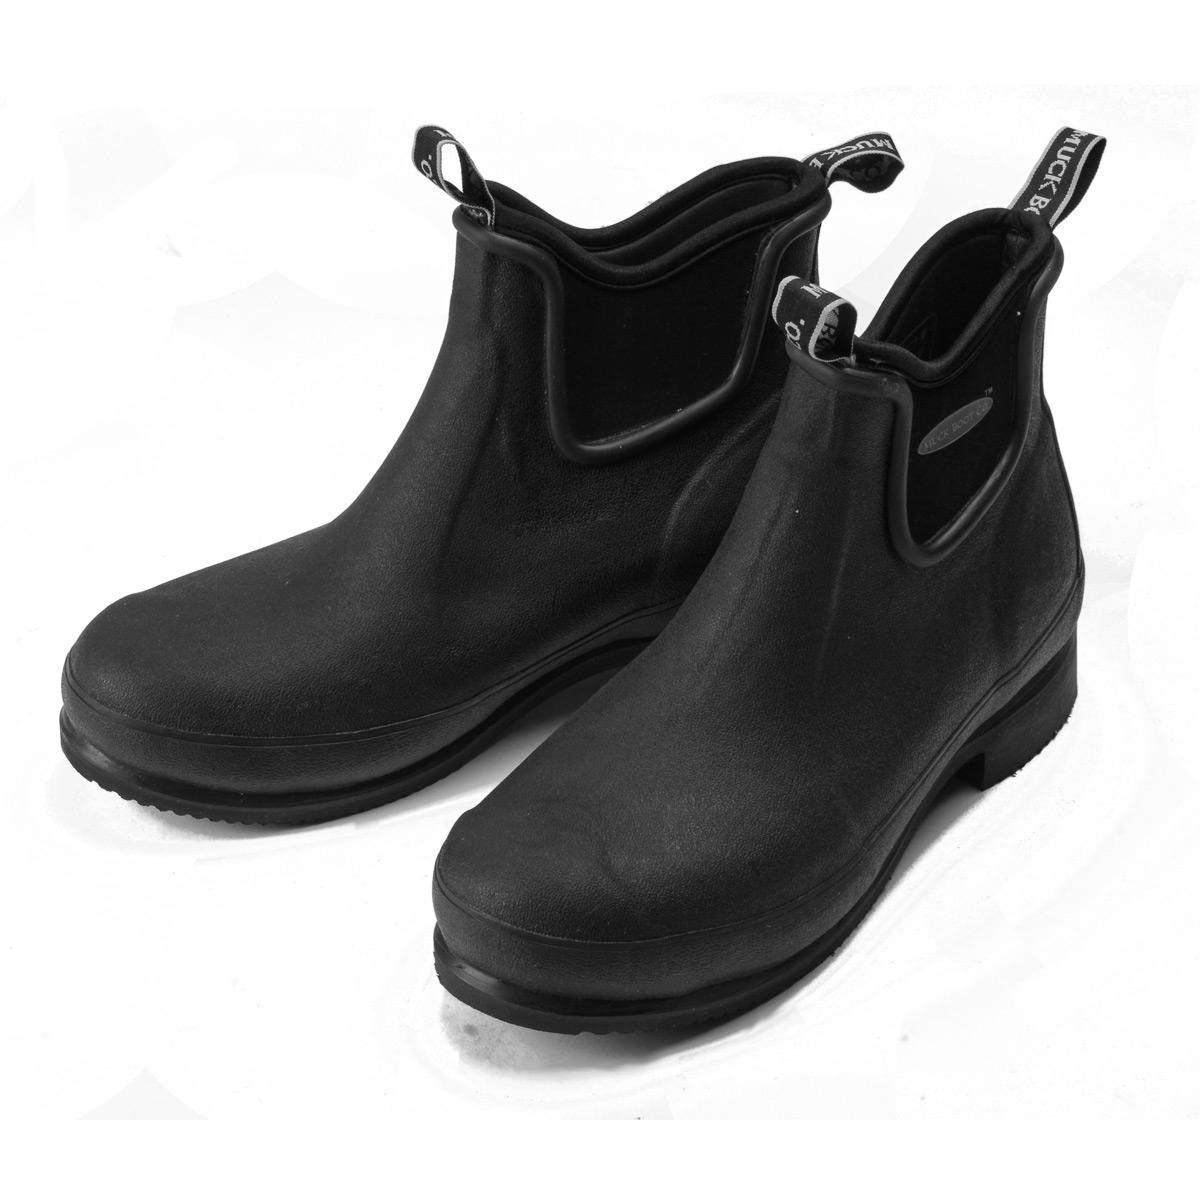 MuckBoot Co Wear Paddock Boots (Unisex) - Black | Uttings.co.uk